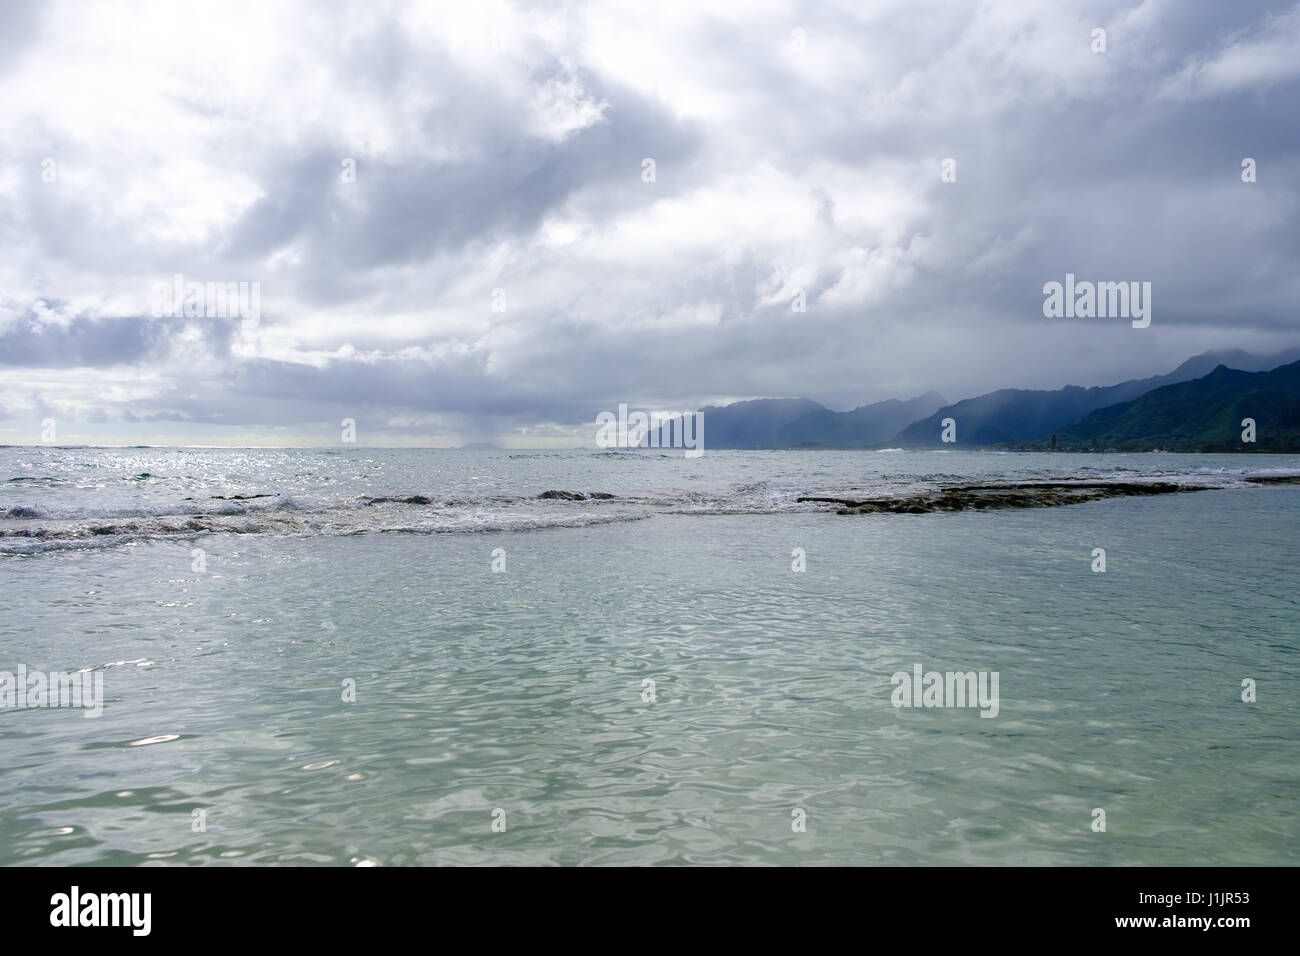 Bathtub Beach Stock Photos & Bathtub Beach Stock Images - Alamy